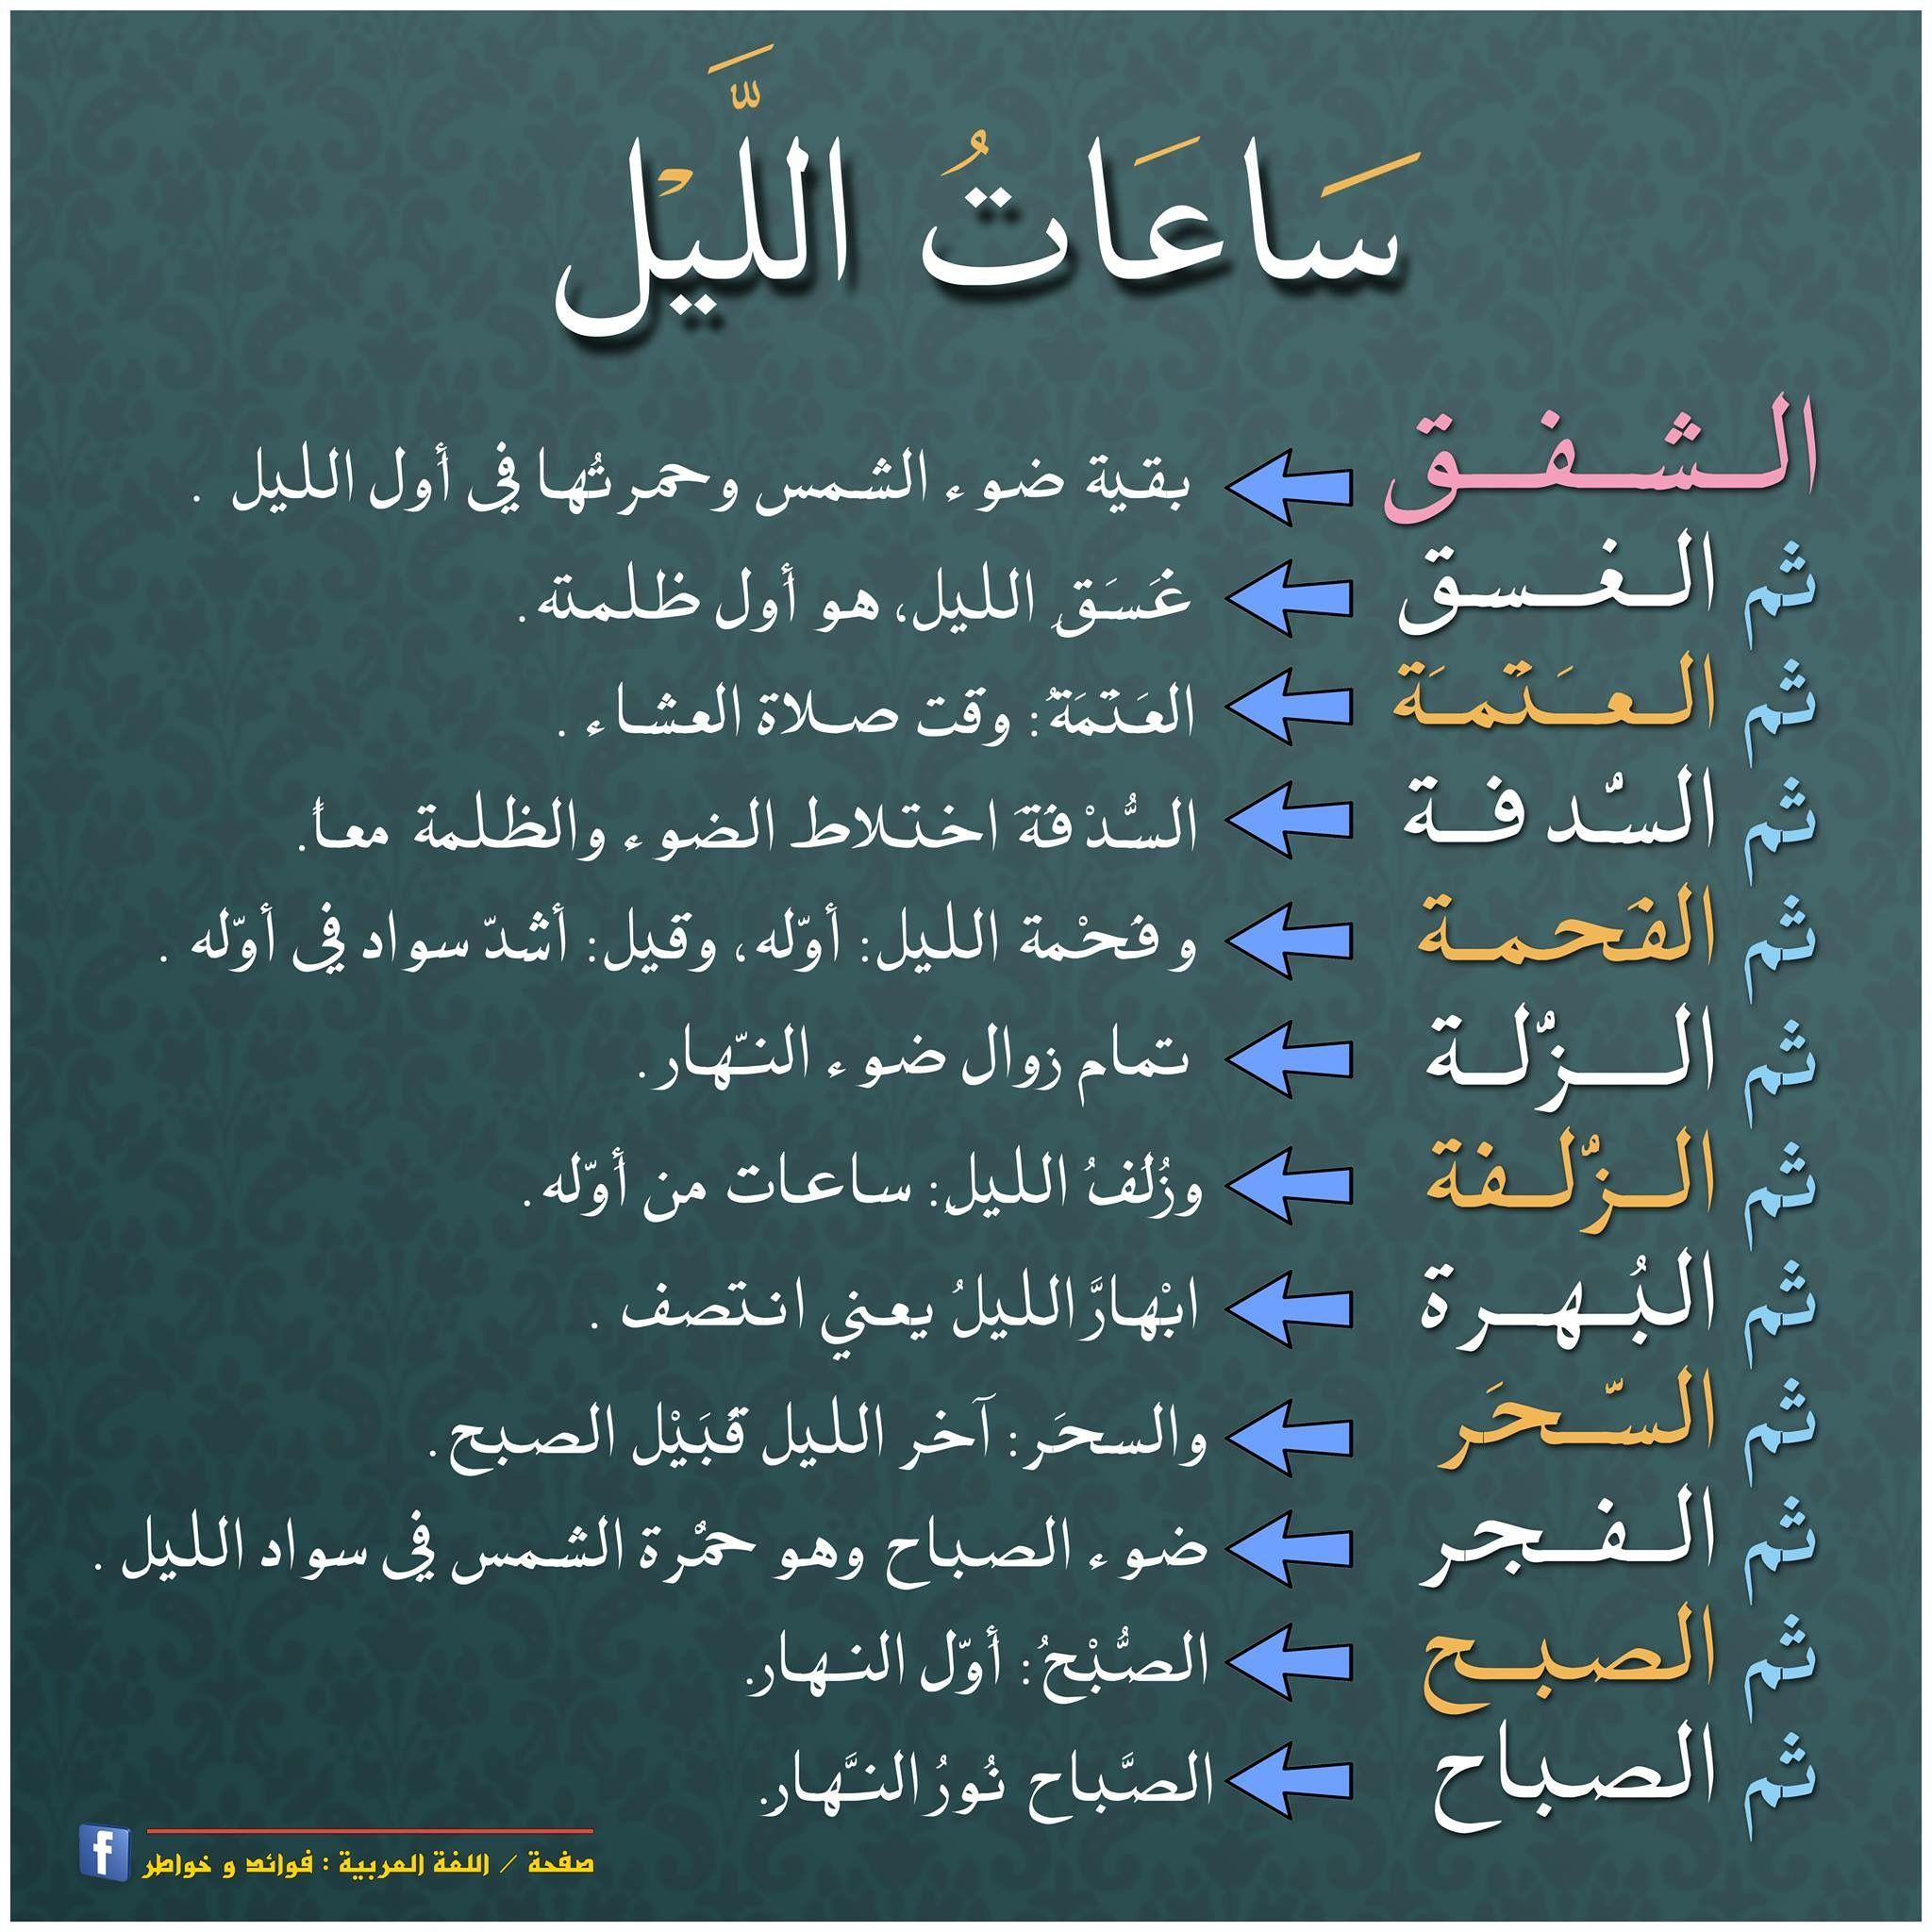 ساعات الليل ومعناها فالقرآن Islamic Phrases Arabic Language Learn Arabic Language